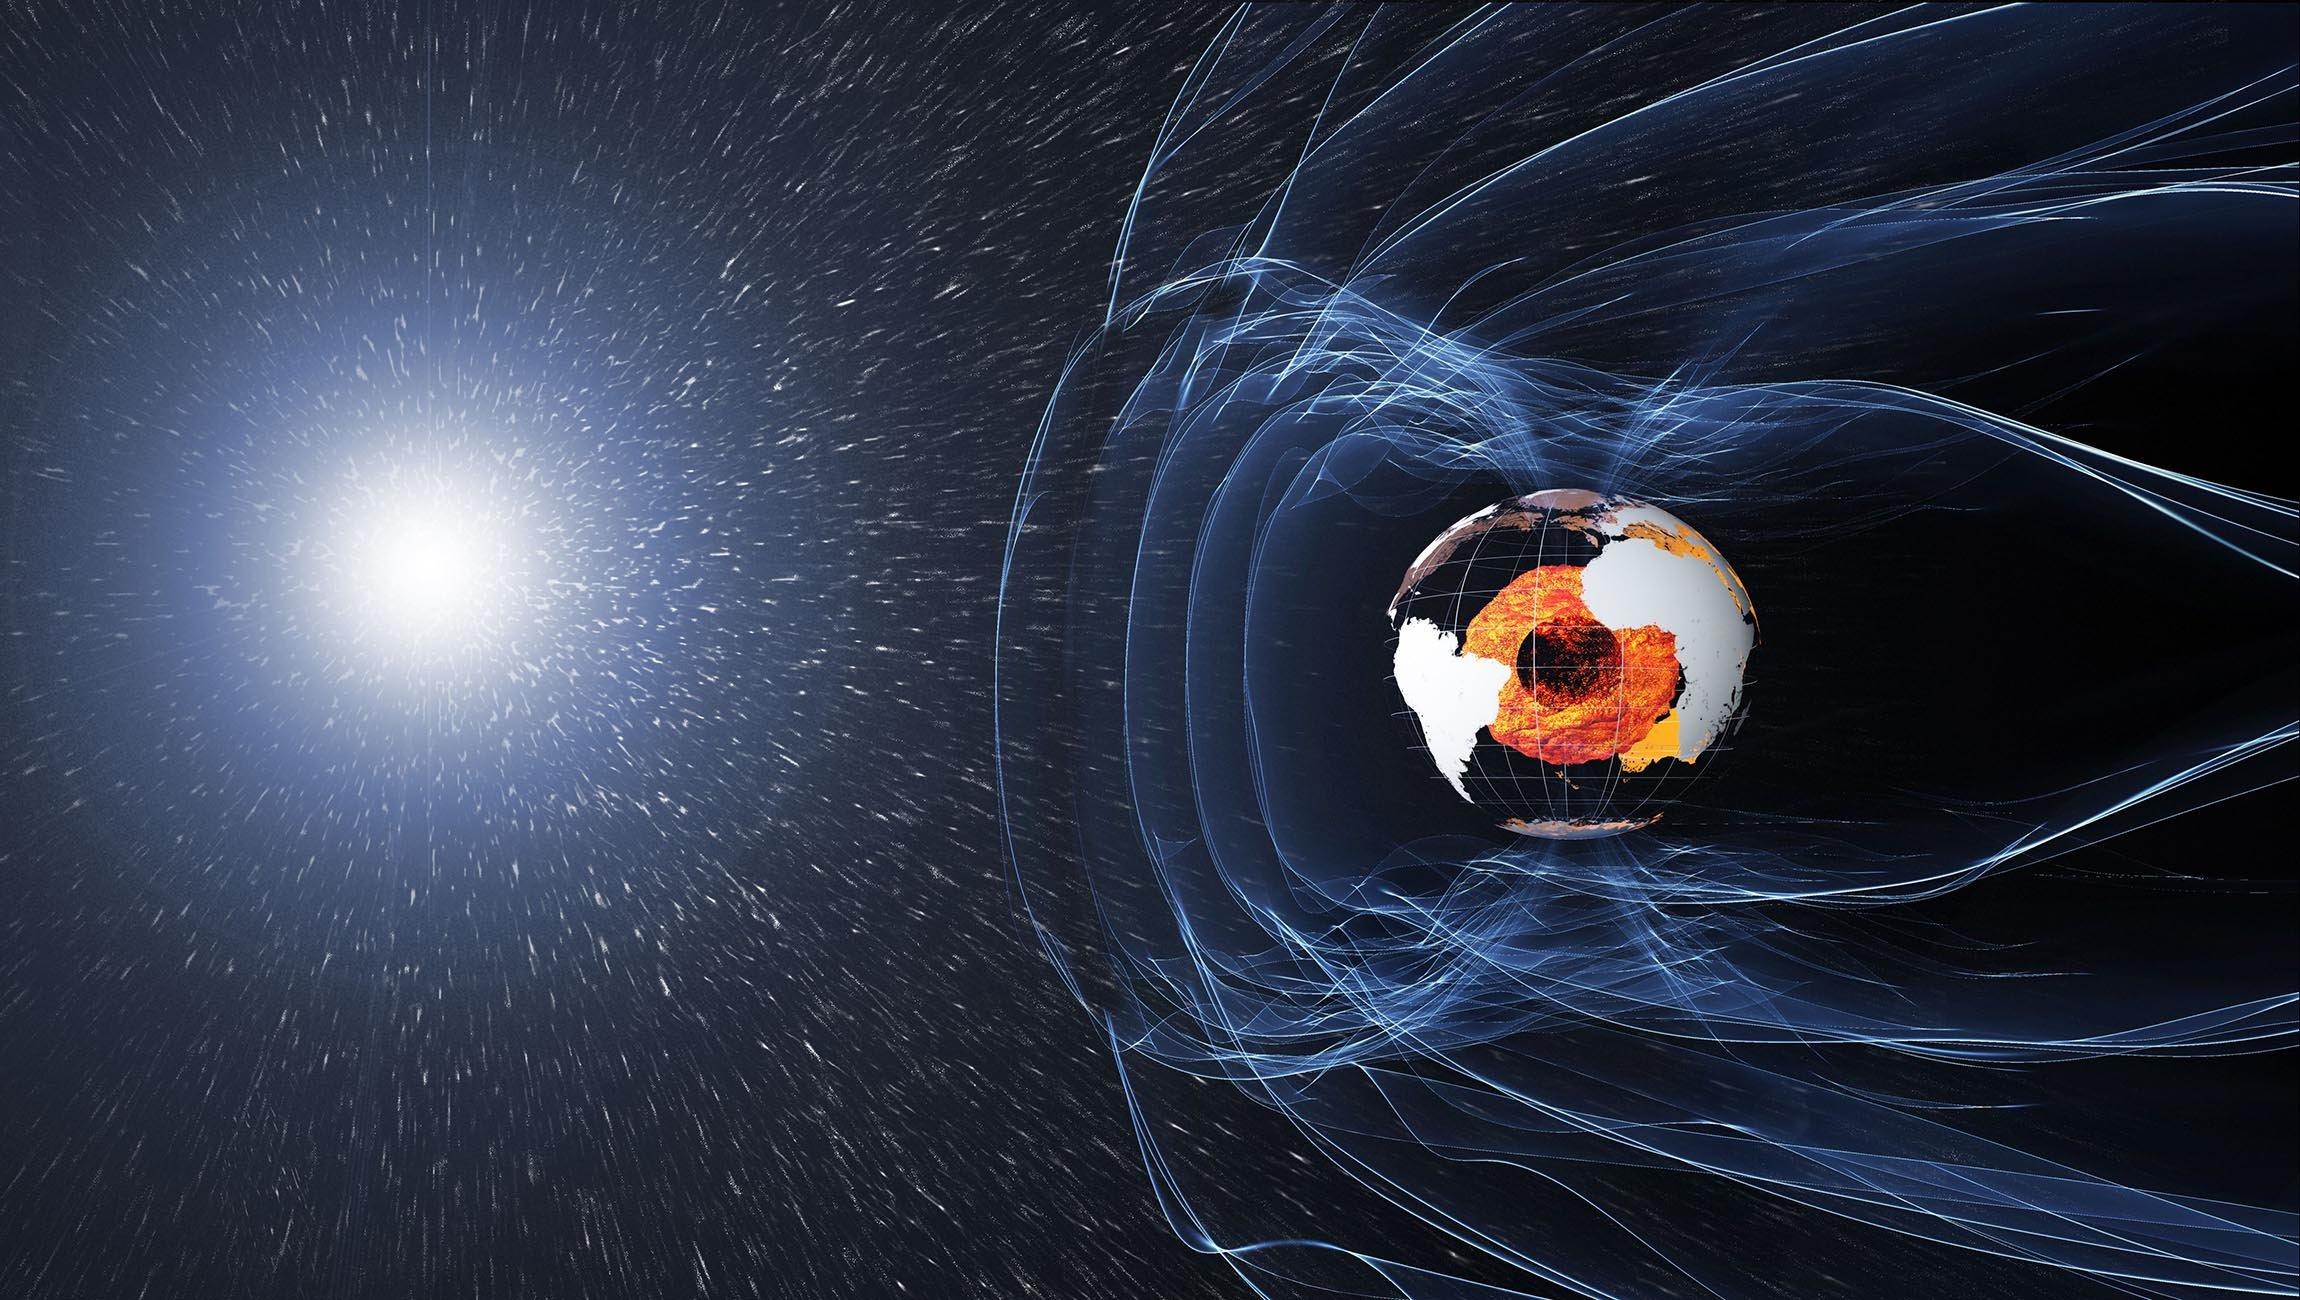 চিত্র ১: পৃথিবীর চৌম্বকীয় ক্ষেত্র কিভাবে সূর্যের ক্ষতিকর সৌর শক্তিকে প্রকিহত করছে চিত্রে দেখানো হল। Image credit - ESA/ATG medialab